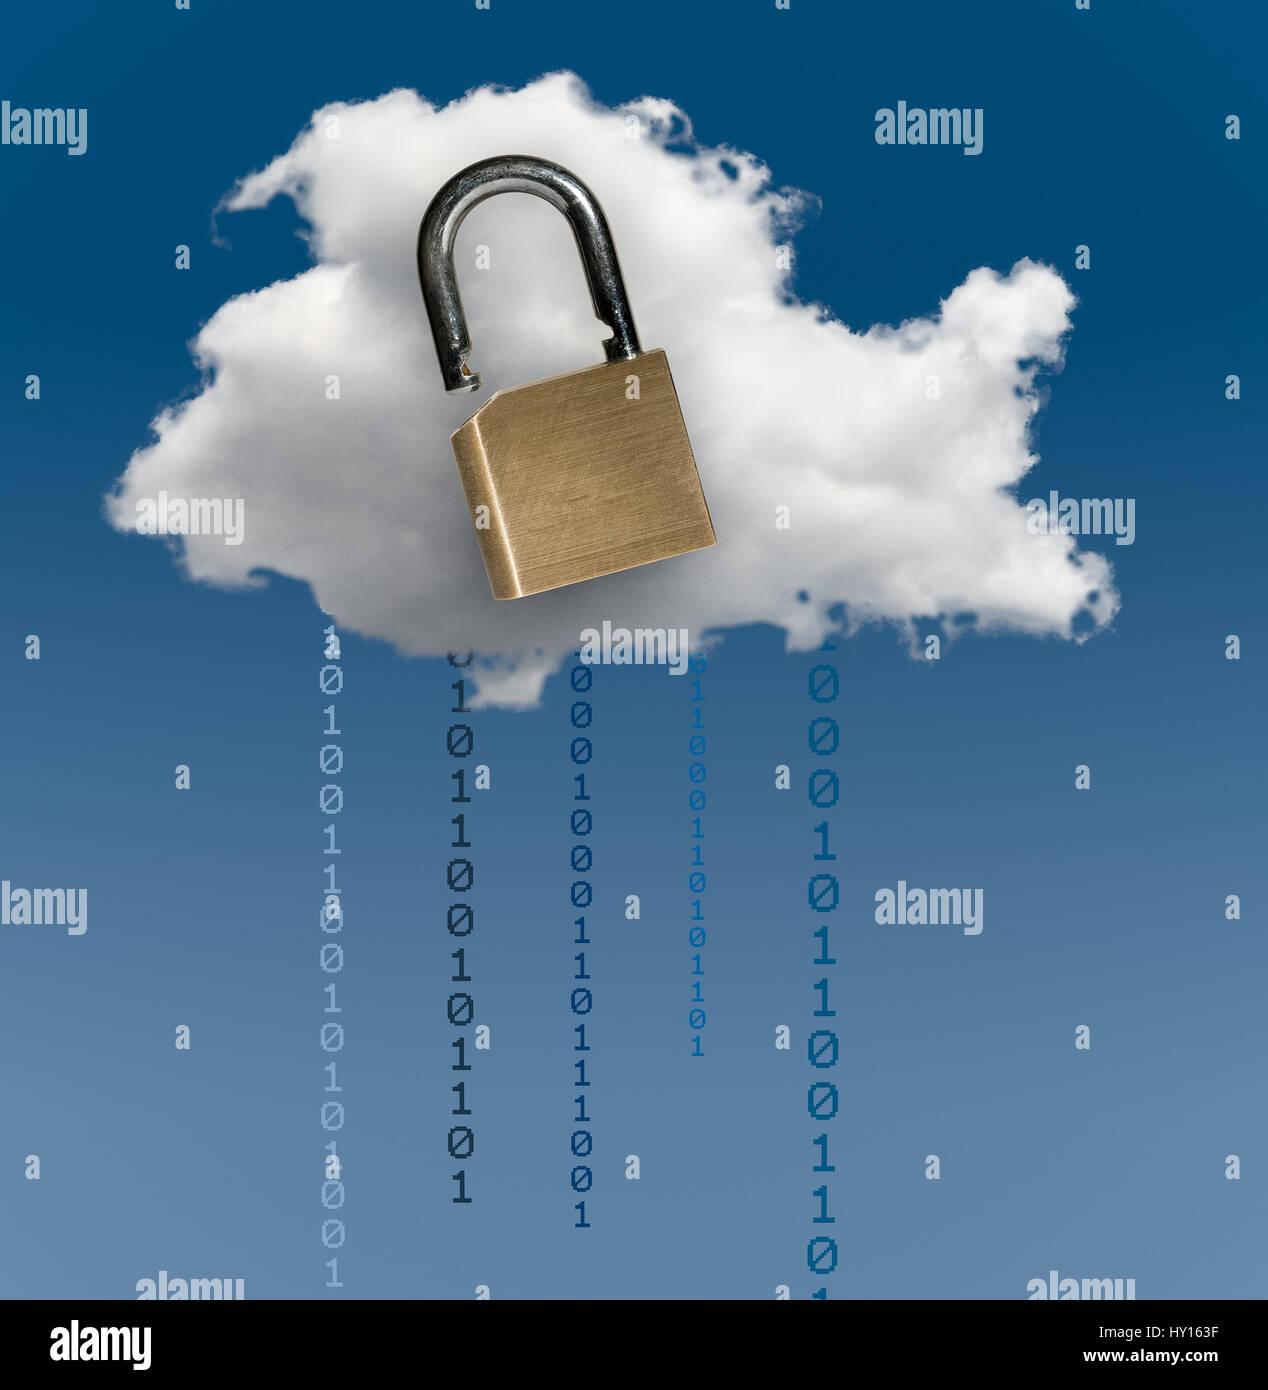 Konzept Bild für Cloud Computing cyber Kriminalität Sicherheit und sichere Online Anträge, sichere Stockbild